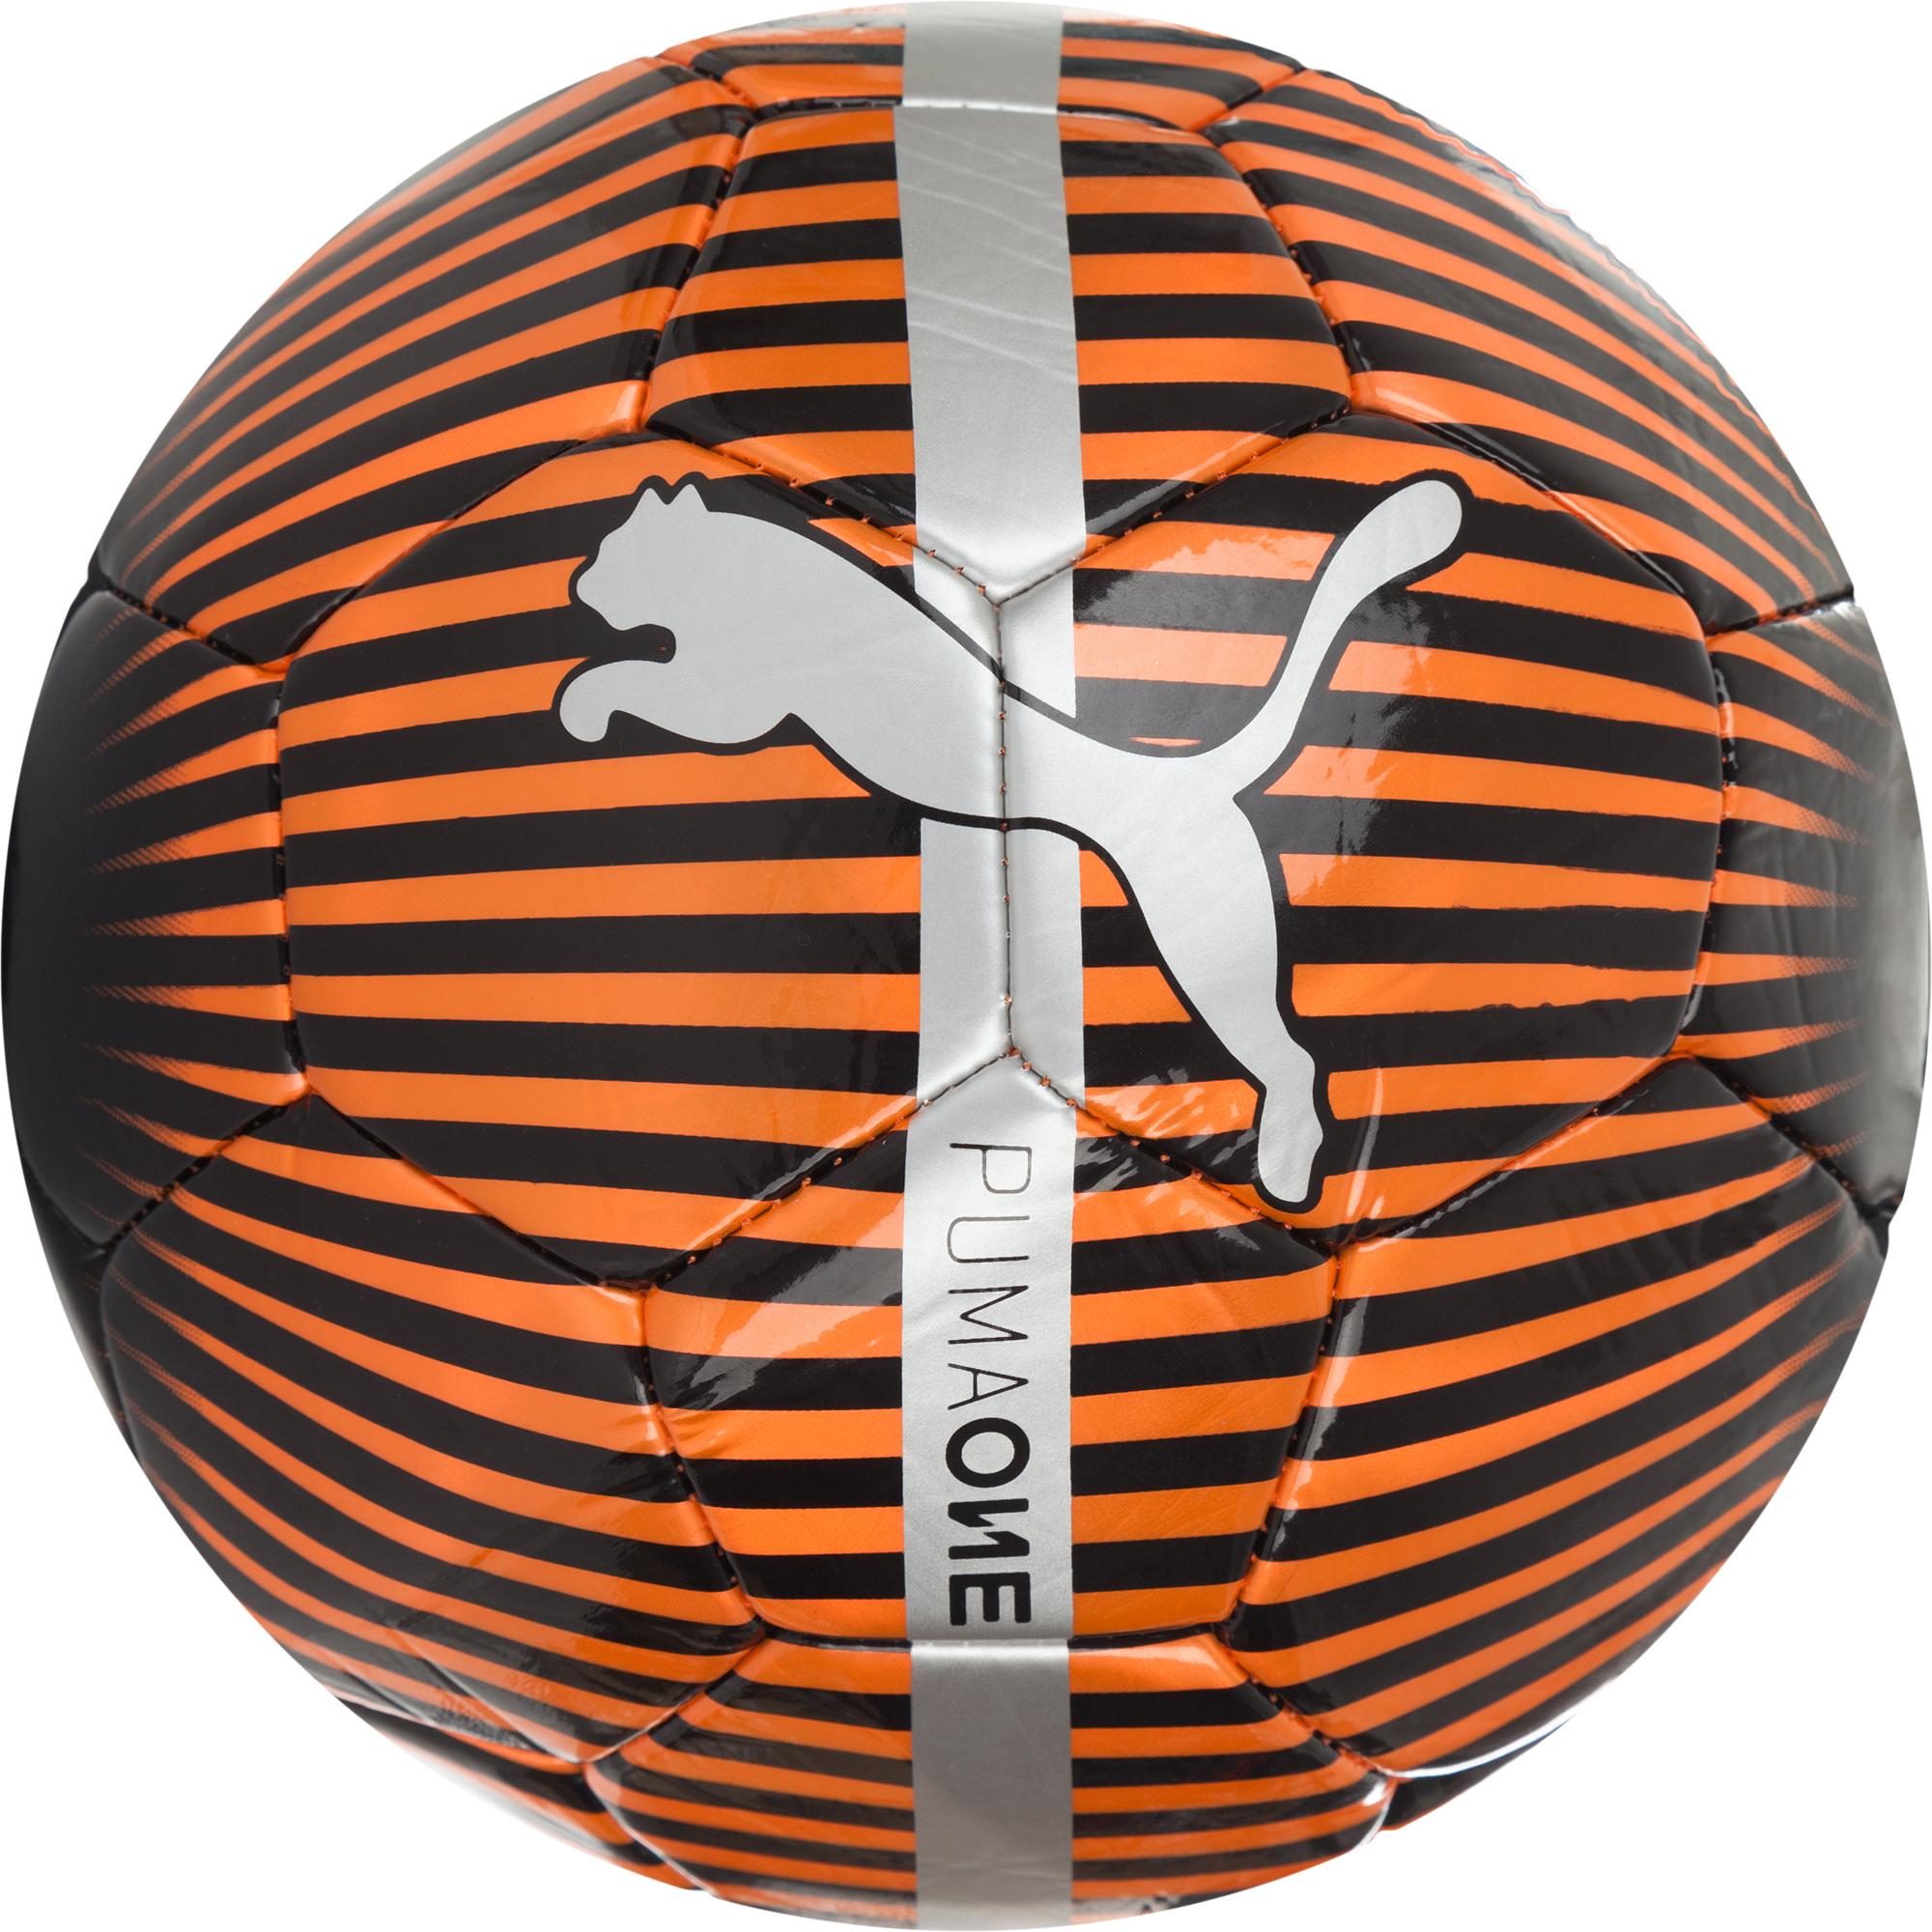 Puma Мяч футбольный Puma One Chrome цены